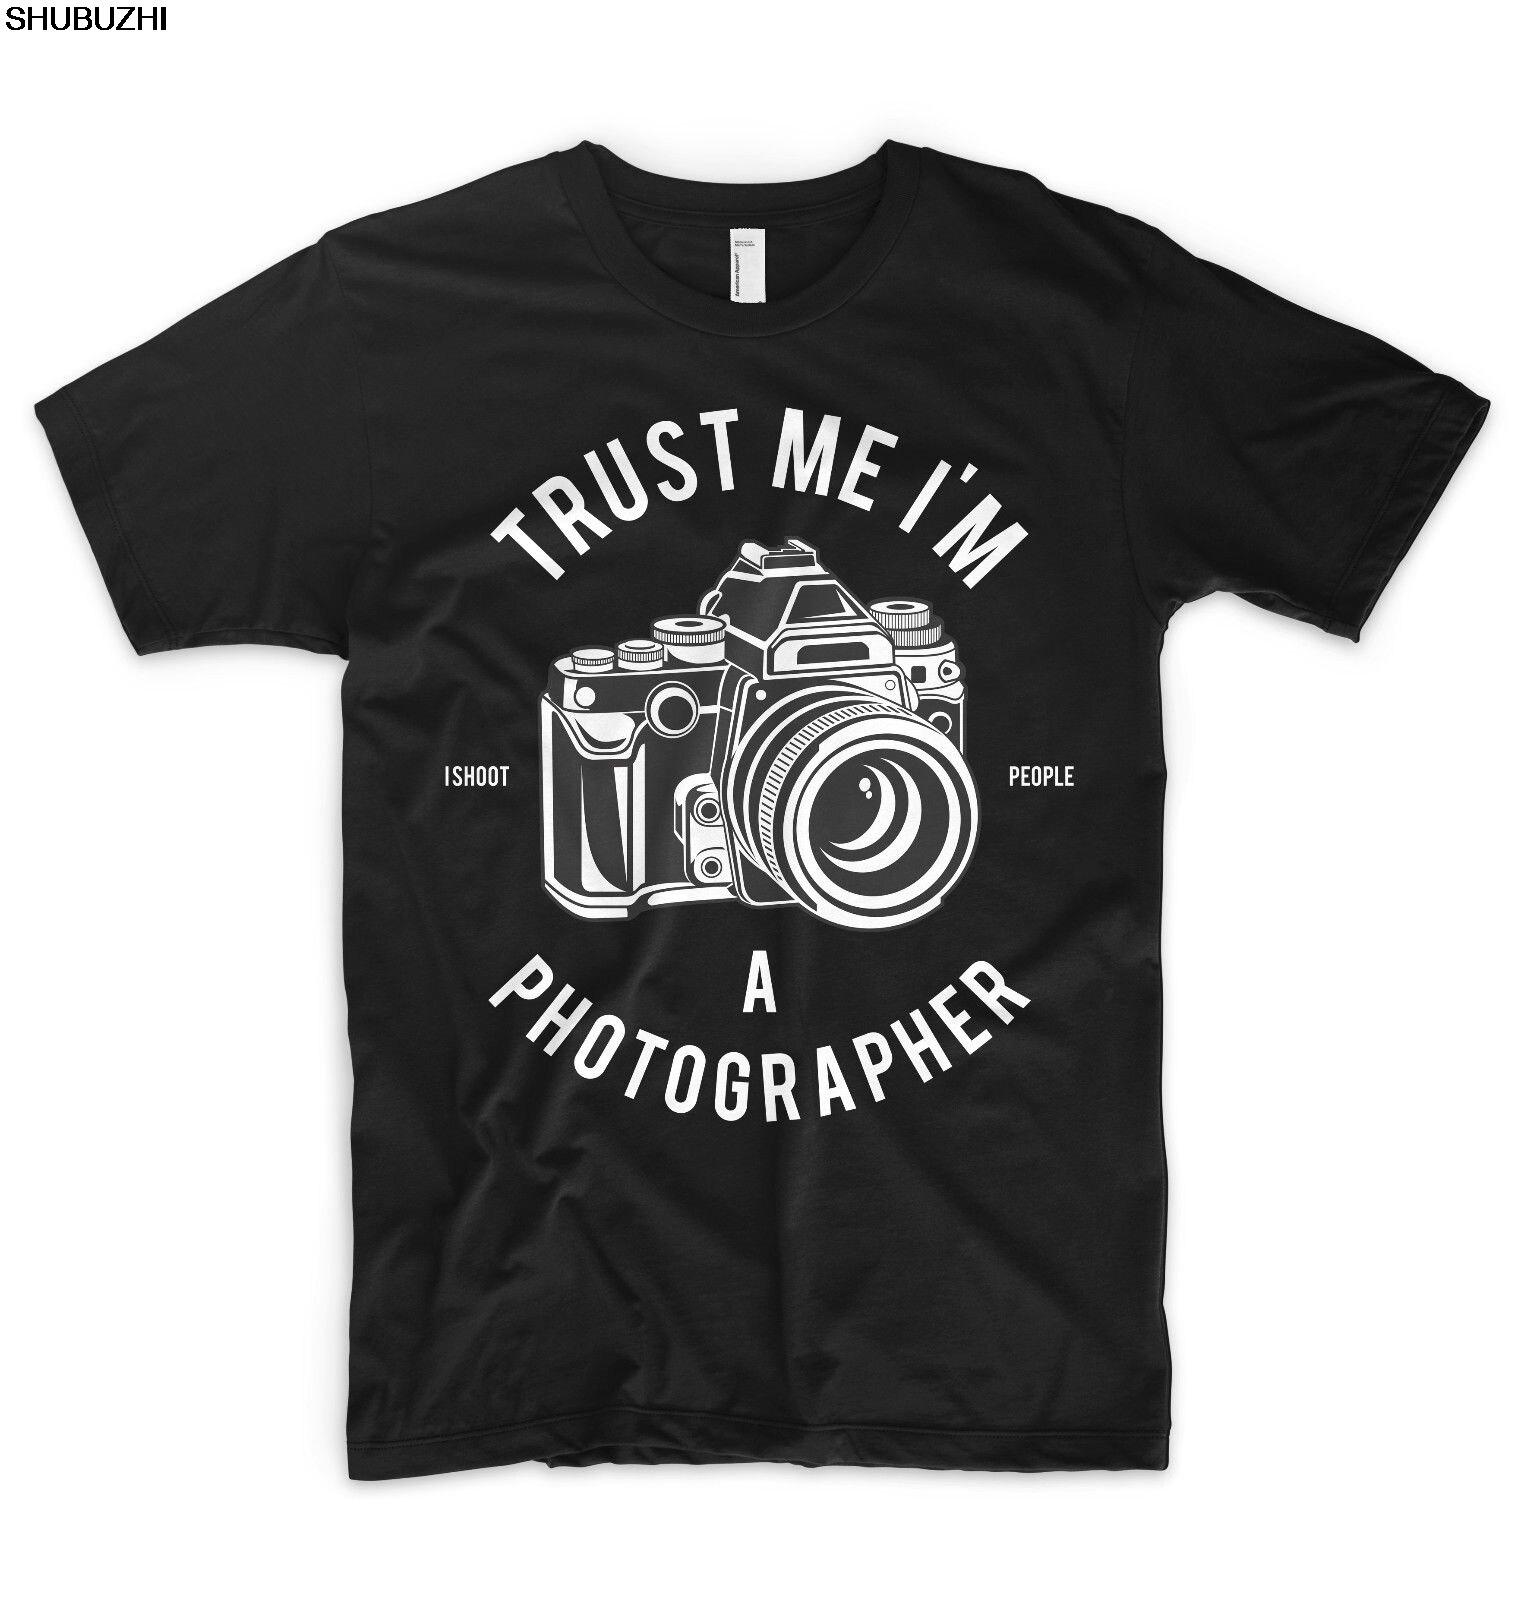 T-shirts Hilfreich Vertrauen Ich Bin Ich Ein Fotograf T Shirt Top Ich Schießen Menschen Canon Sony Nikon Lumix Oansatz Hipster Druck T Shirts Männer Sbz1074 Taille Und Sehnen StäRken